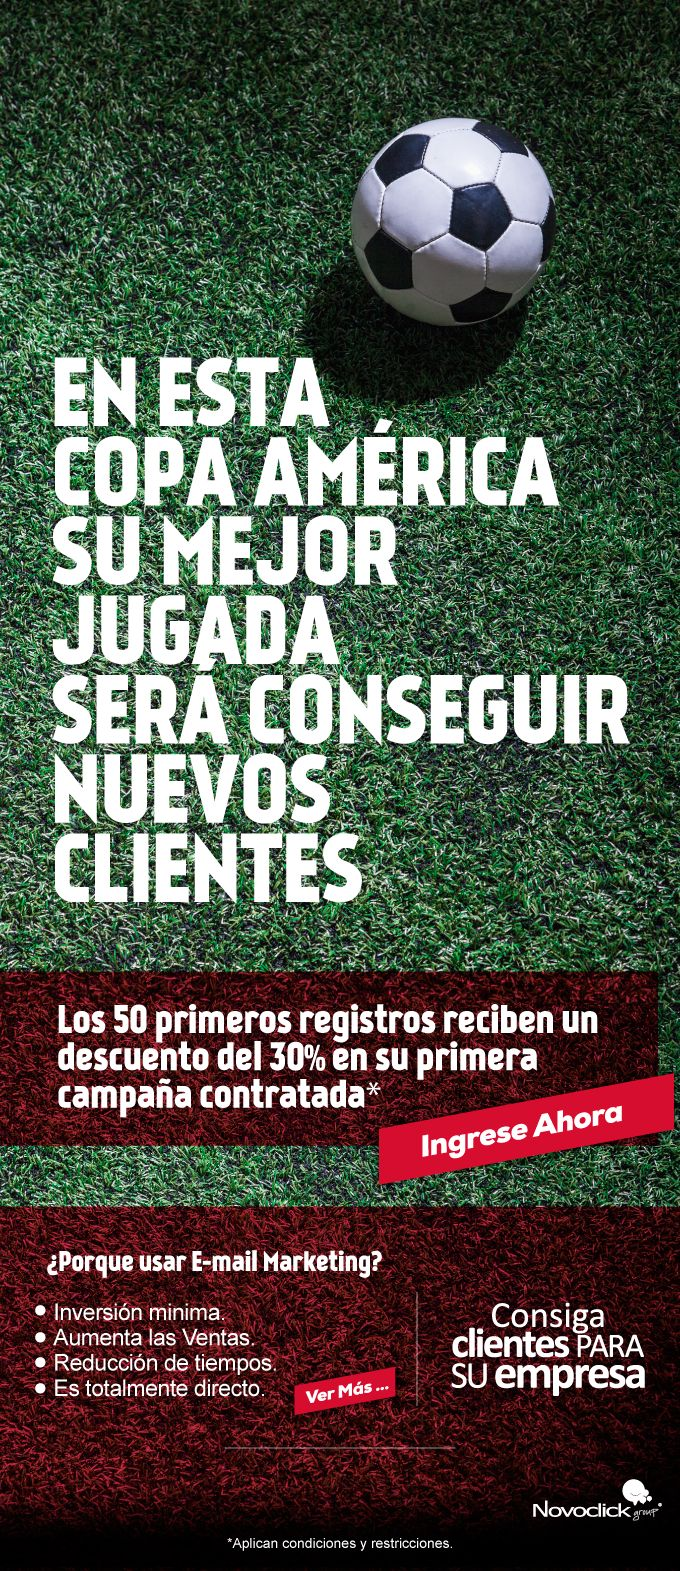 #Novoclick En esta #CopaAmérica su mejor jugada será conseguir nuevos clientes.